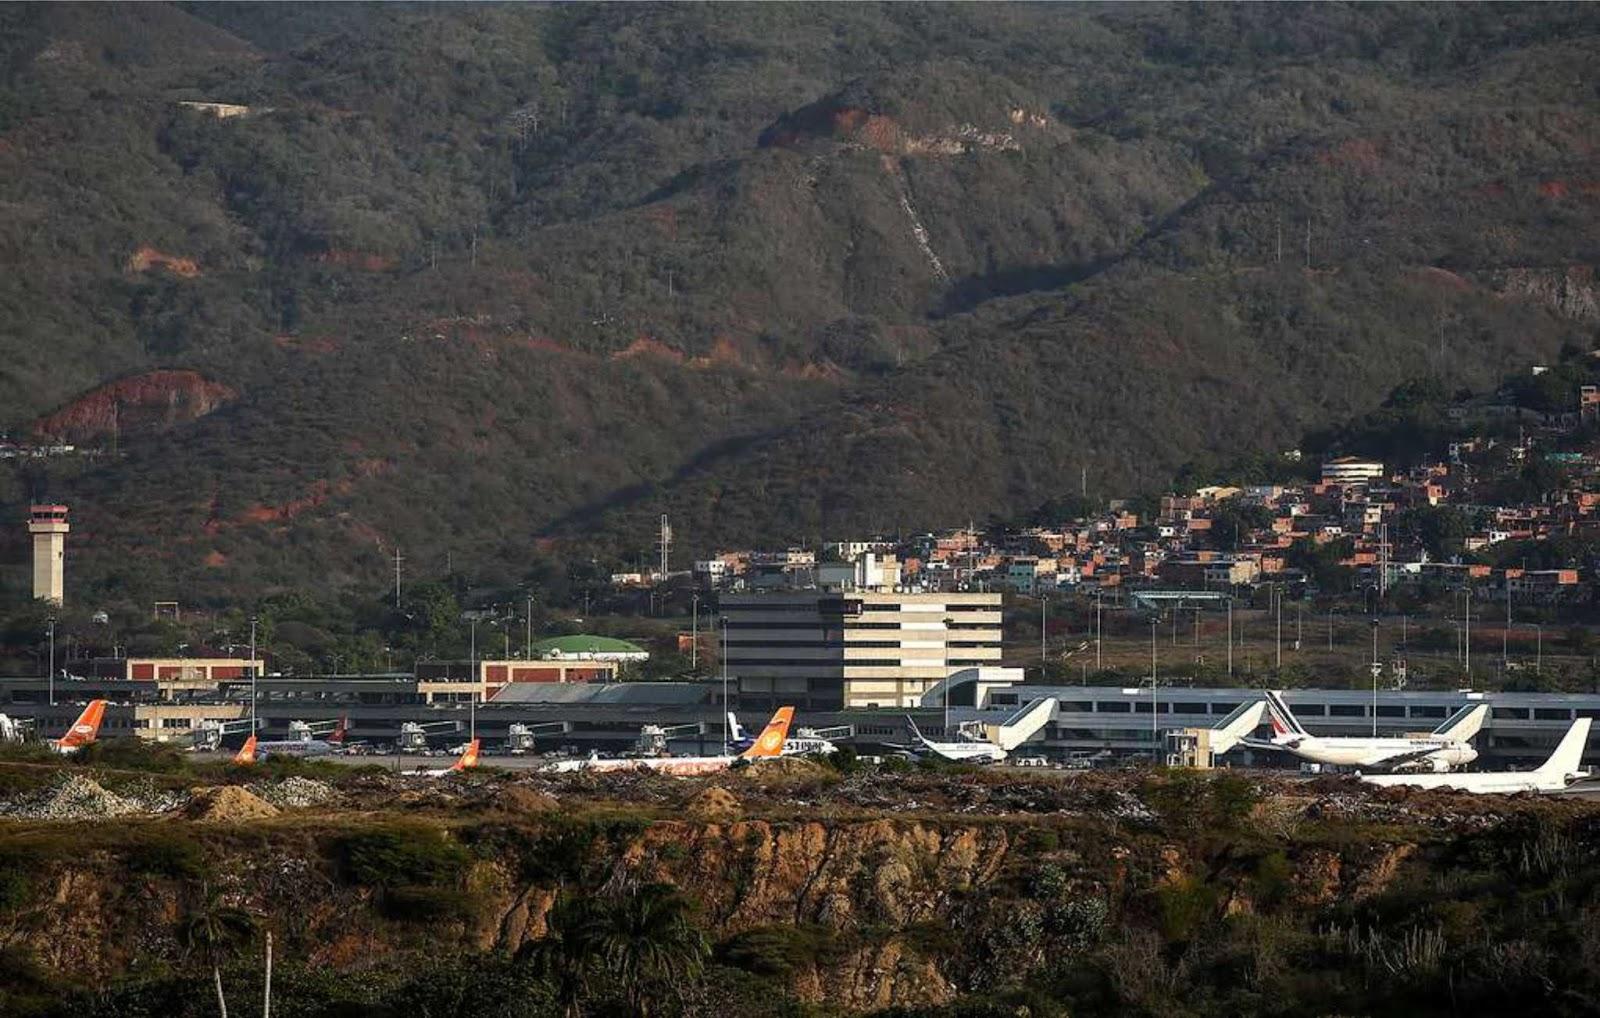 Rusia konfirmasi pengiriman pakar militer ke Venezuela dan menyuruh AS berkaca